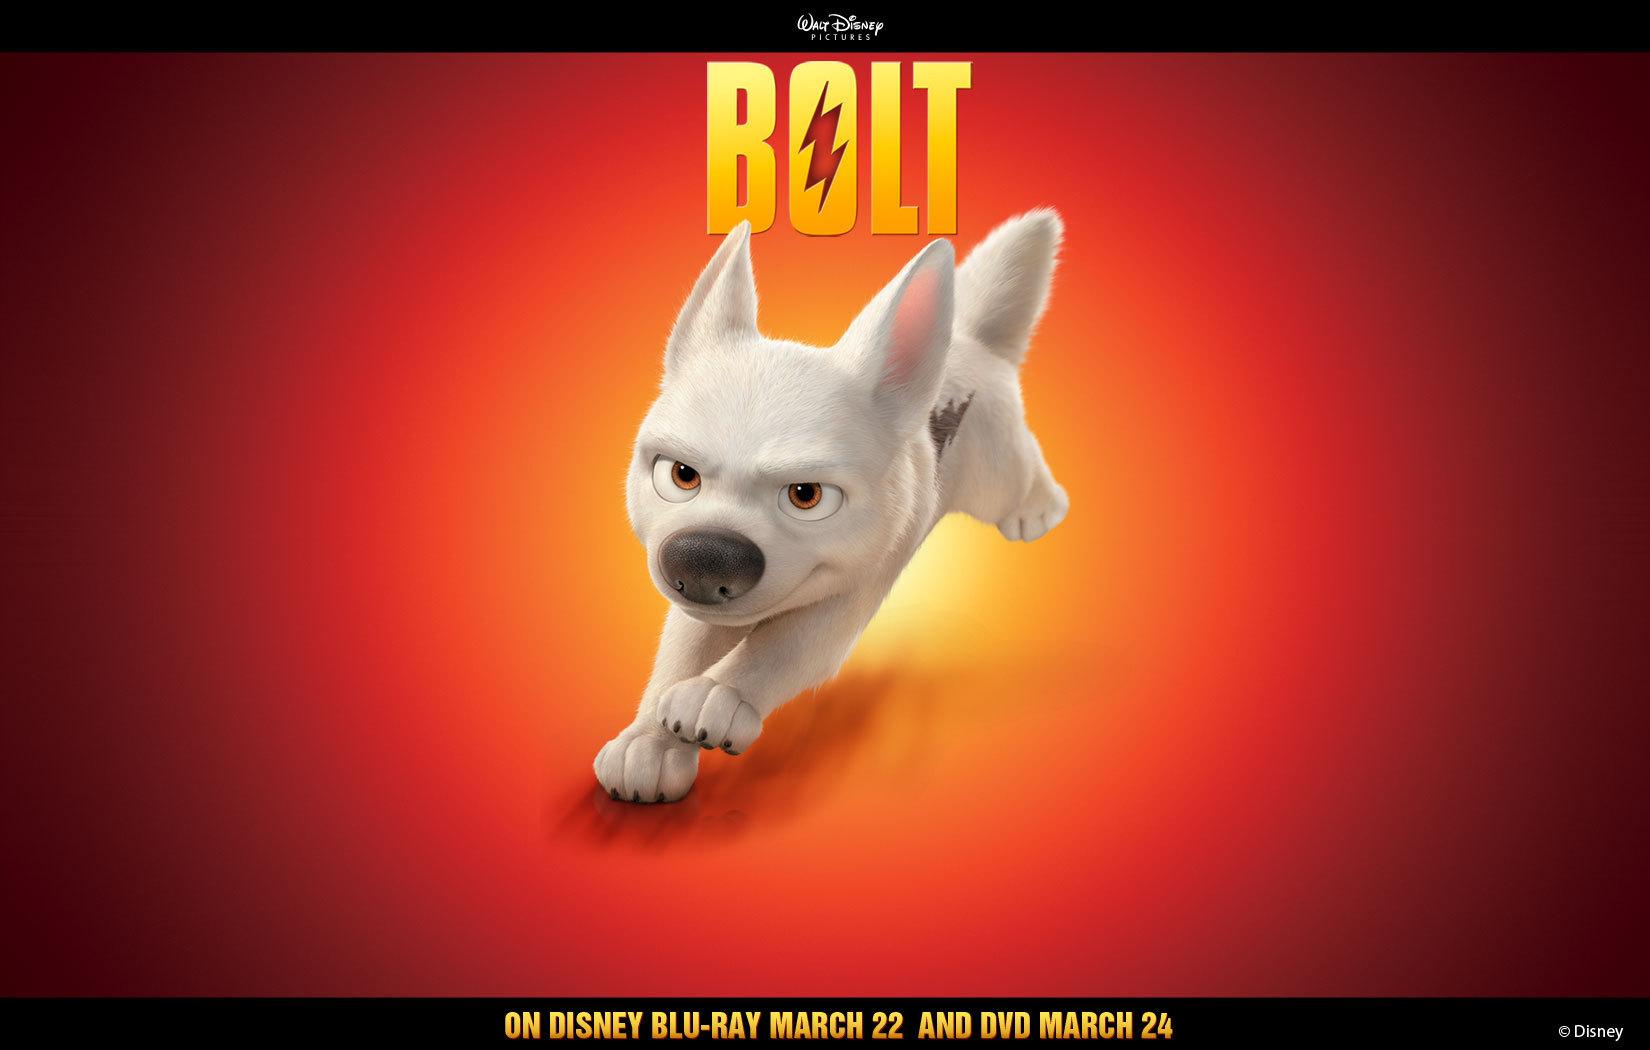 Disneys Bolt images Bolt Solo Wallpaper wallpaper photos 5566700 1650x1050